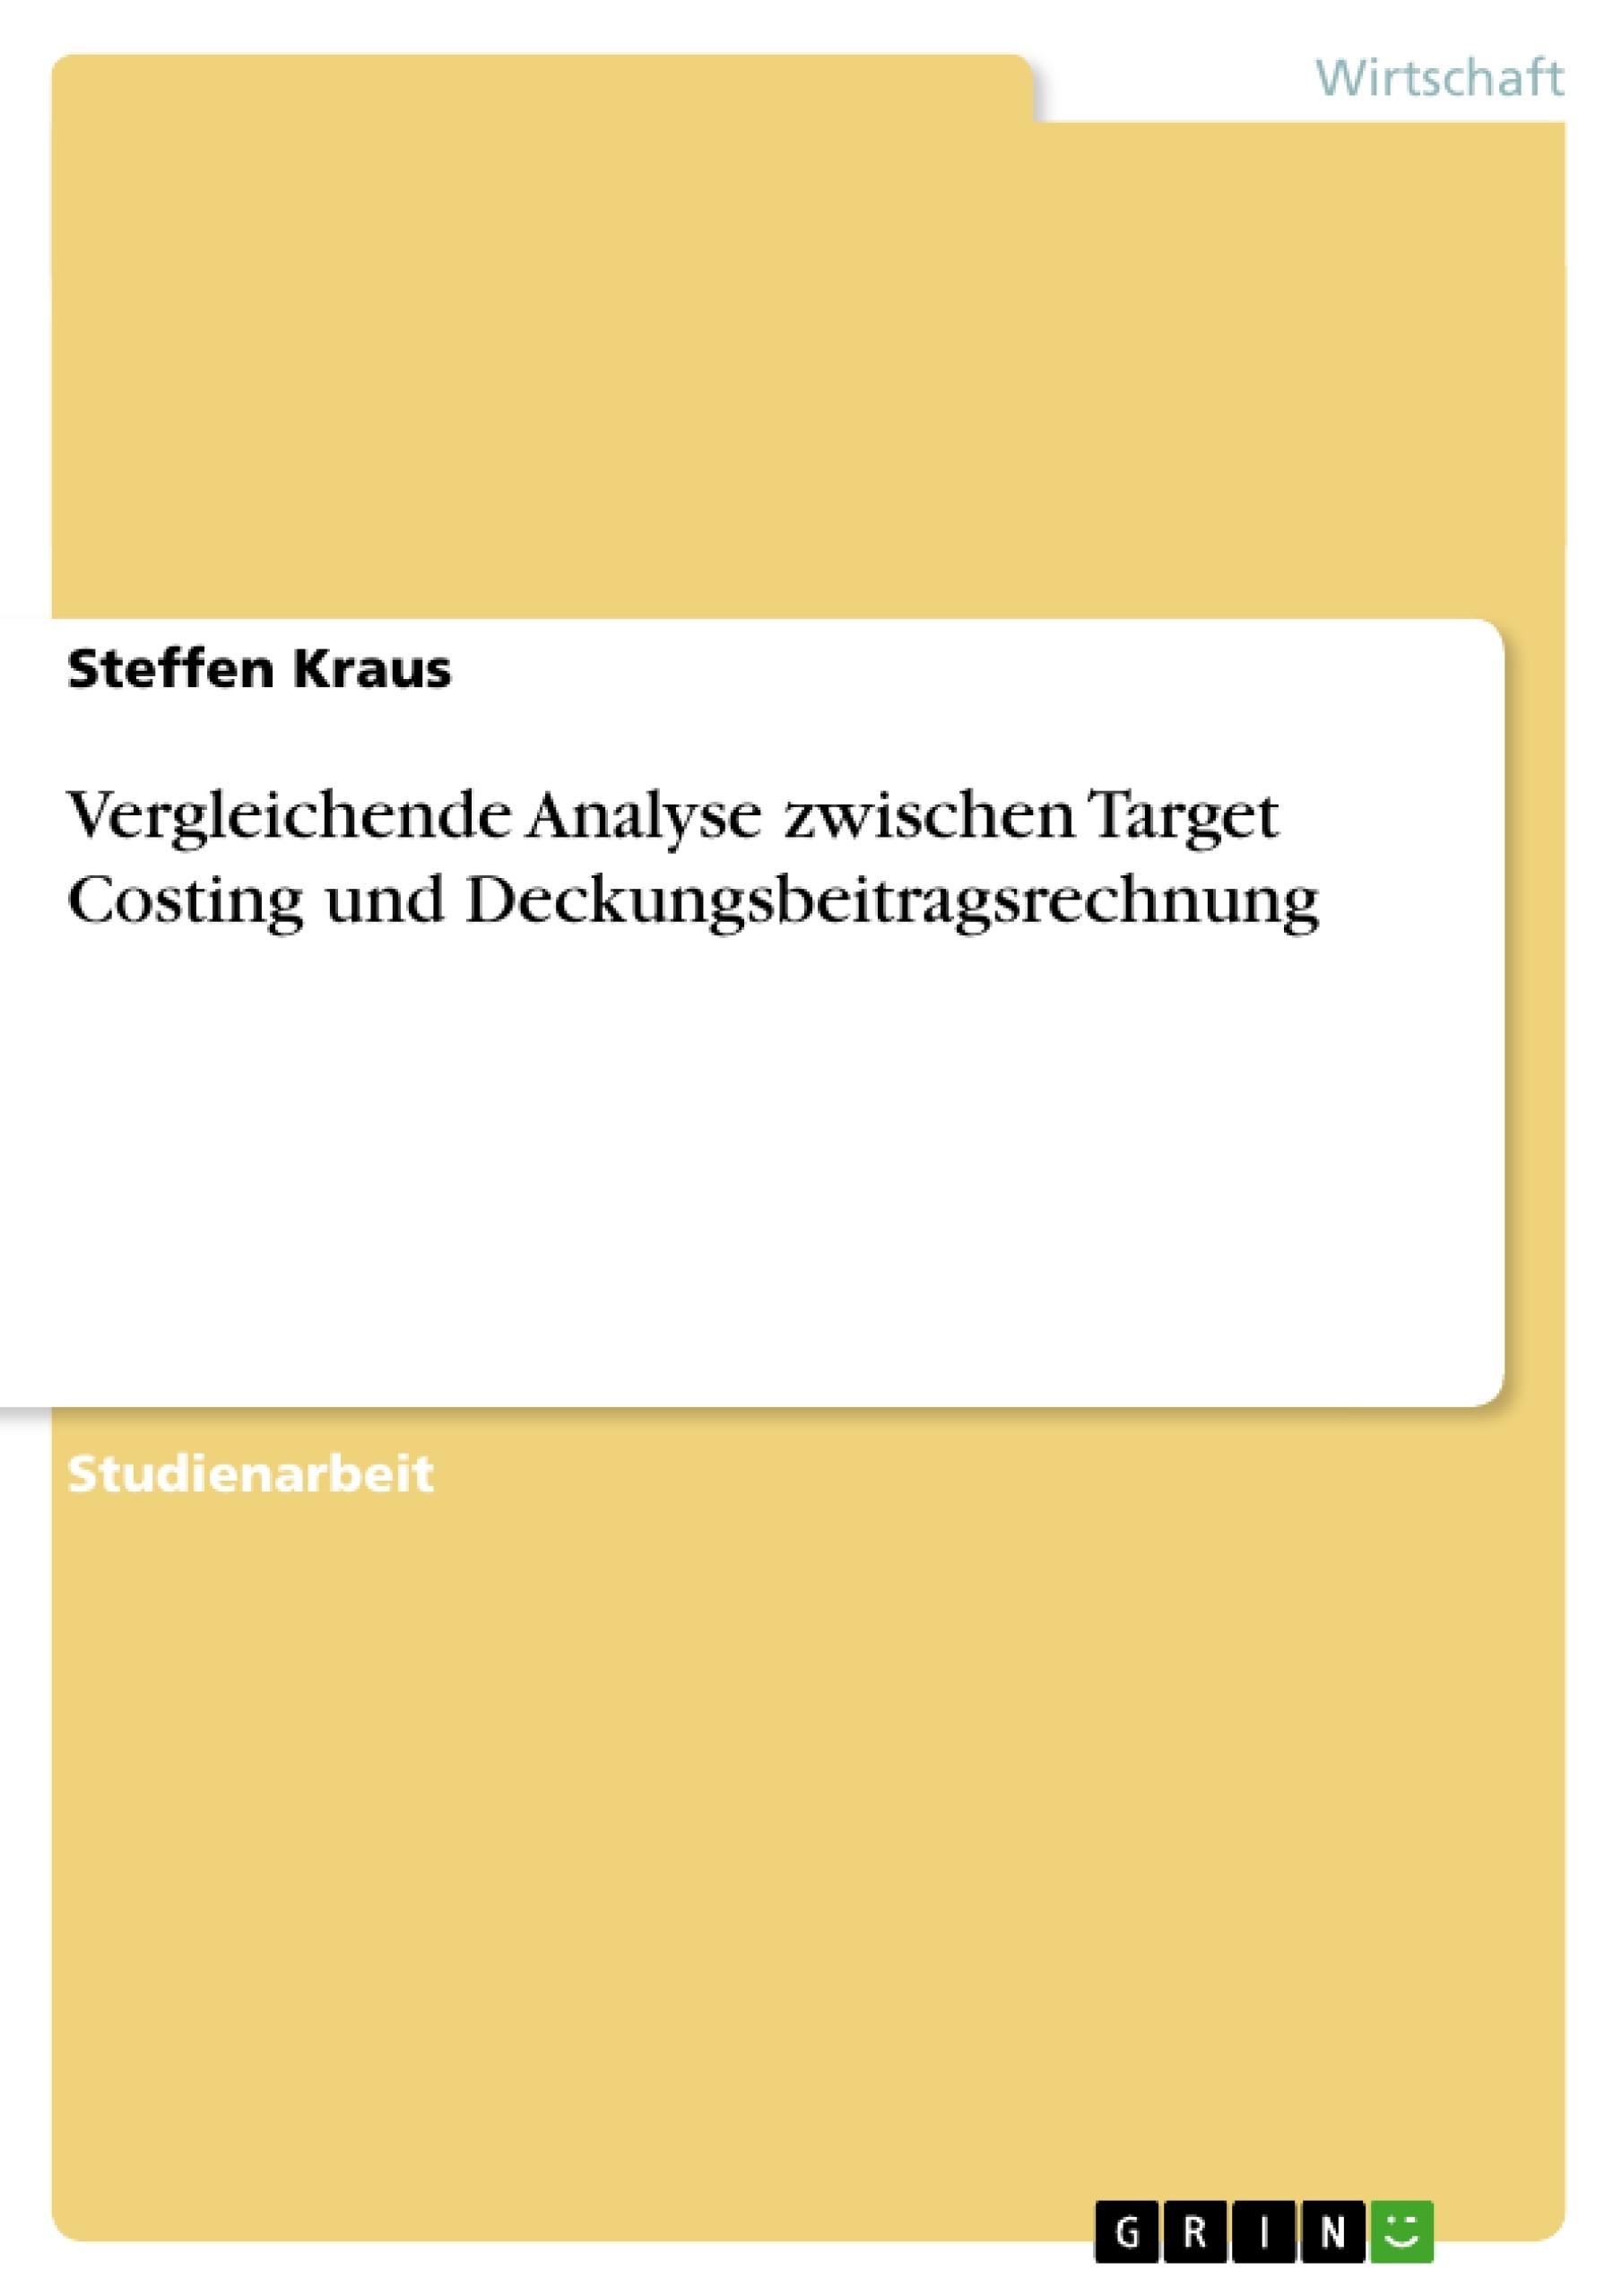 Titel: Vergleichende Analyse zwischen Target Costing und Deckungsbeitragsrechnung